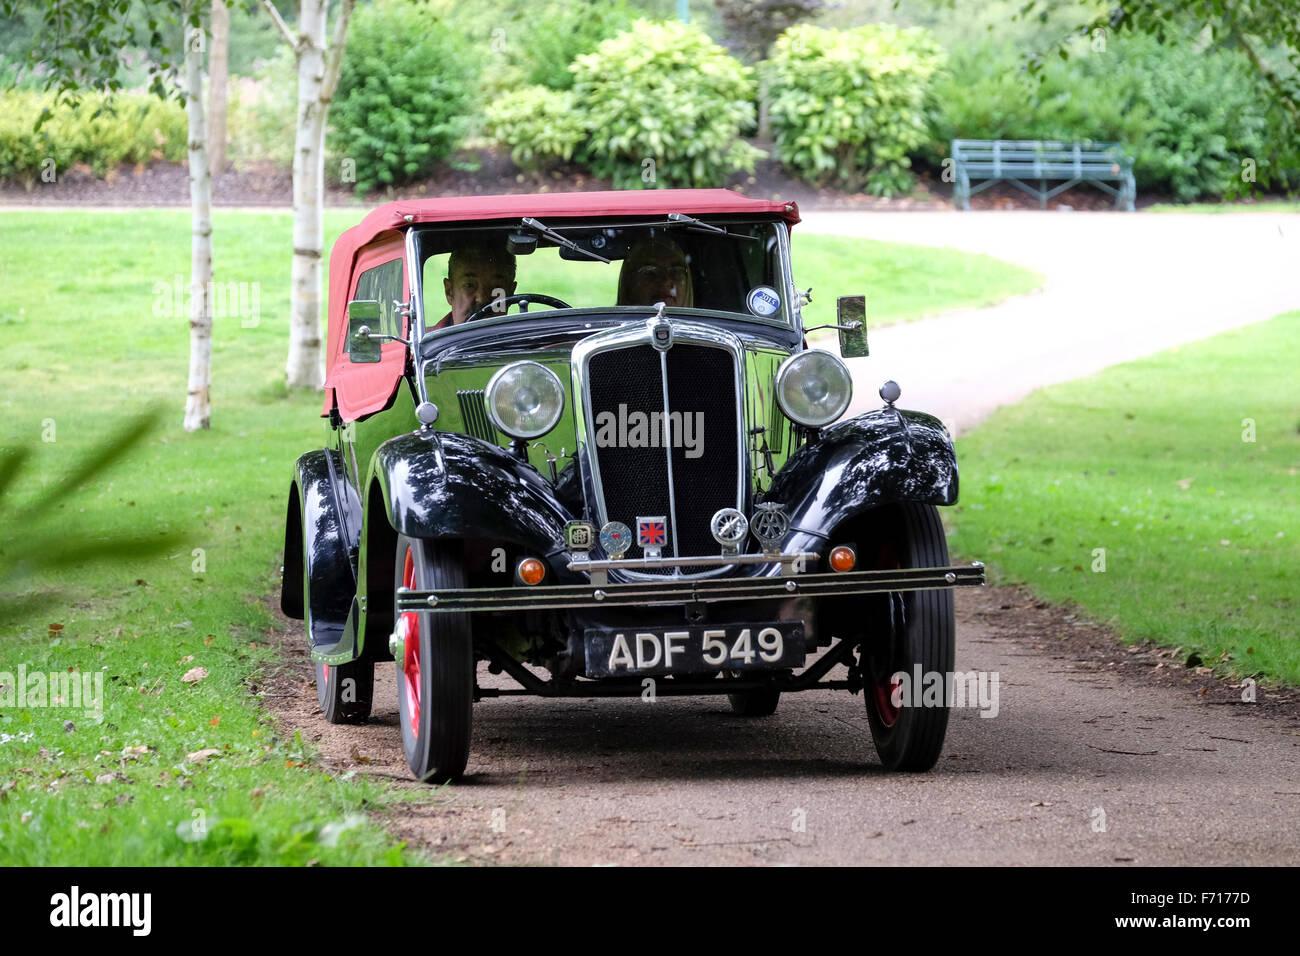 Classic Morris 8 british motor car - Stock Image